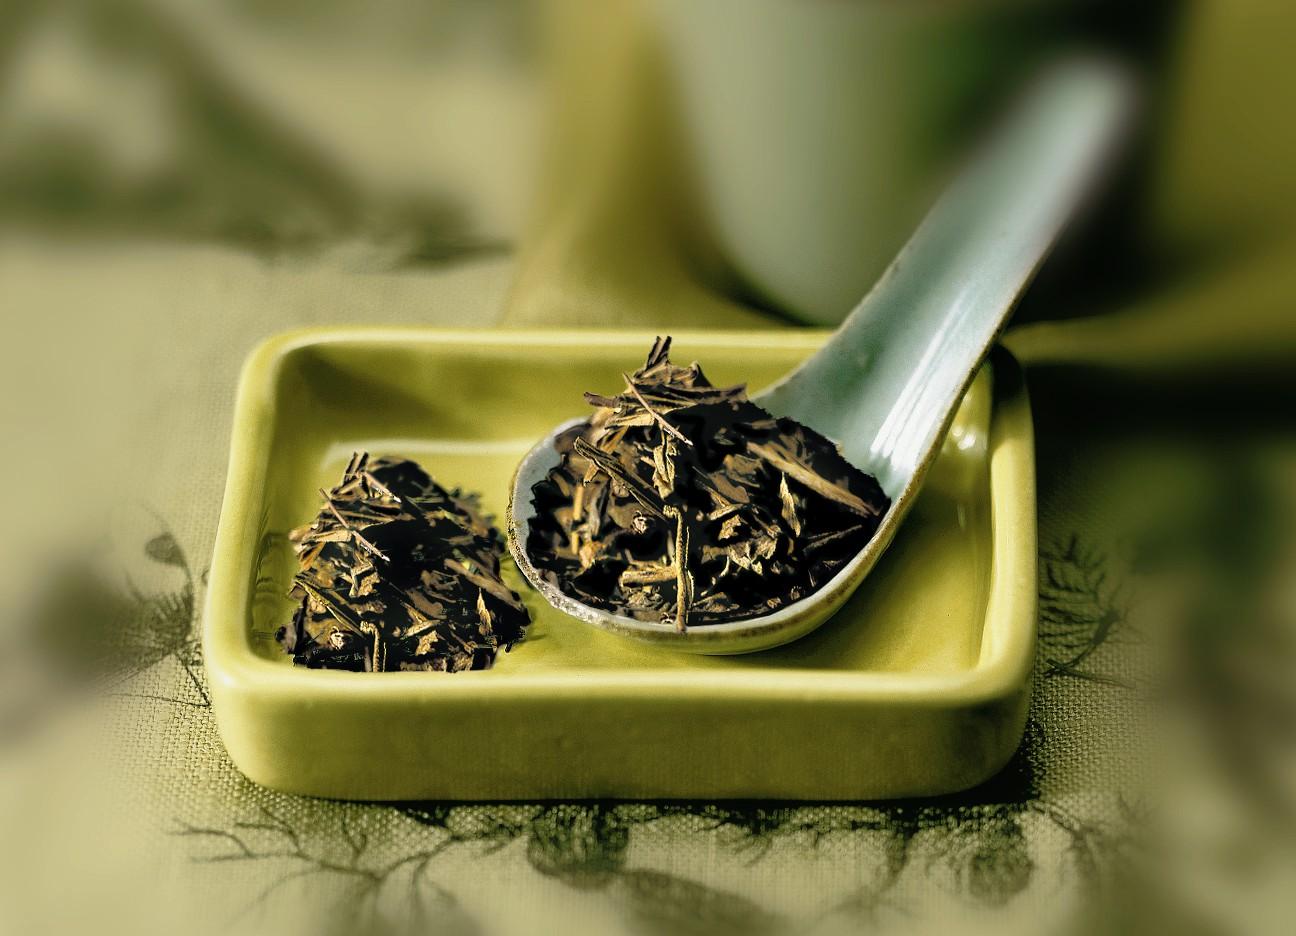 كيف تستخدم الشاي الاخضر للتنحيف